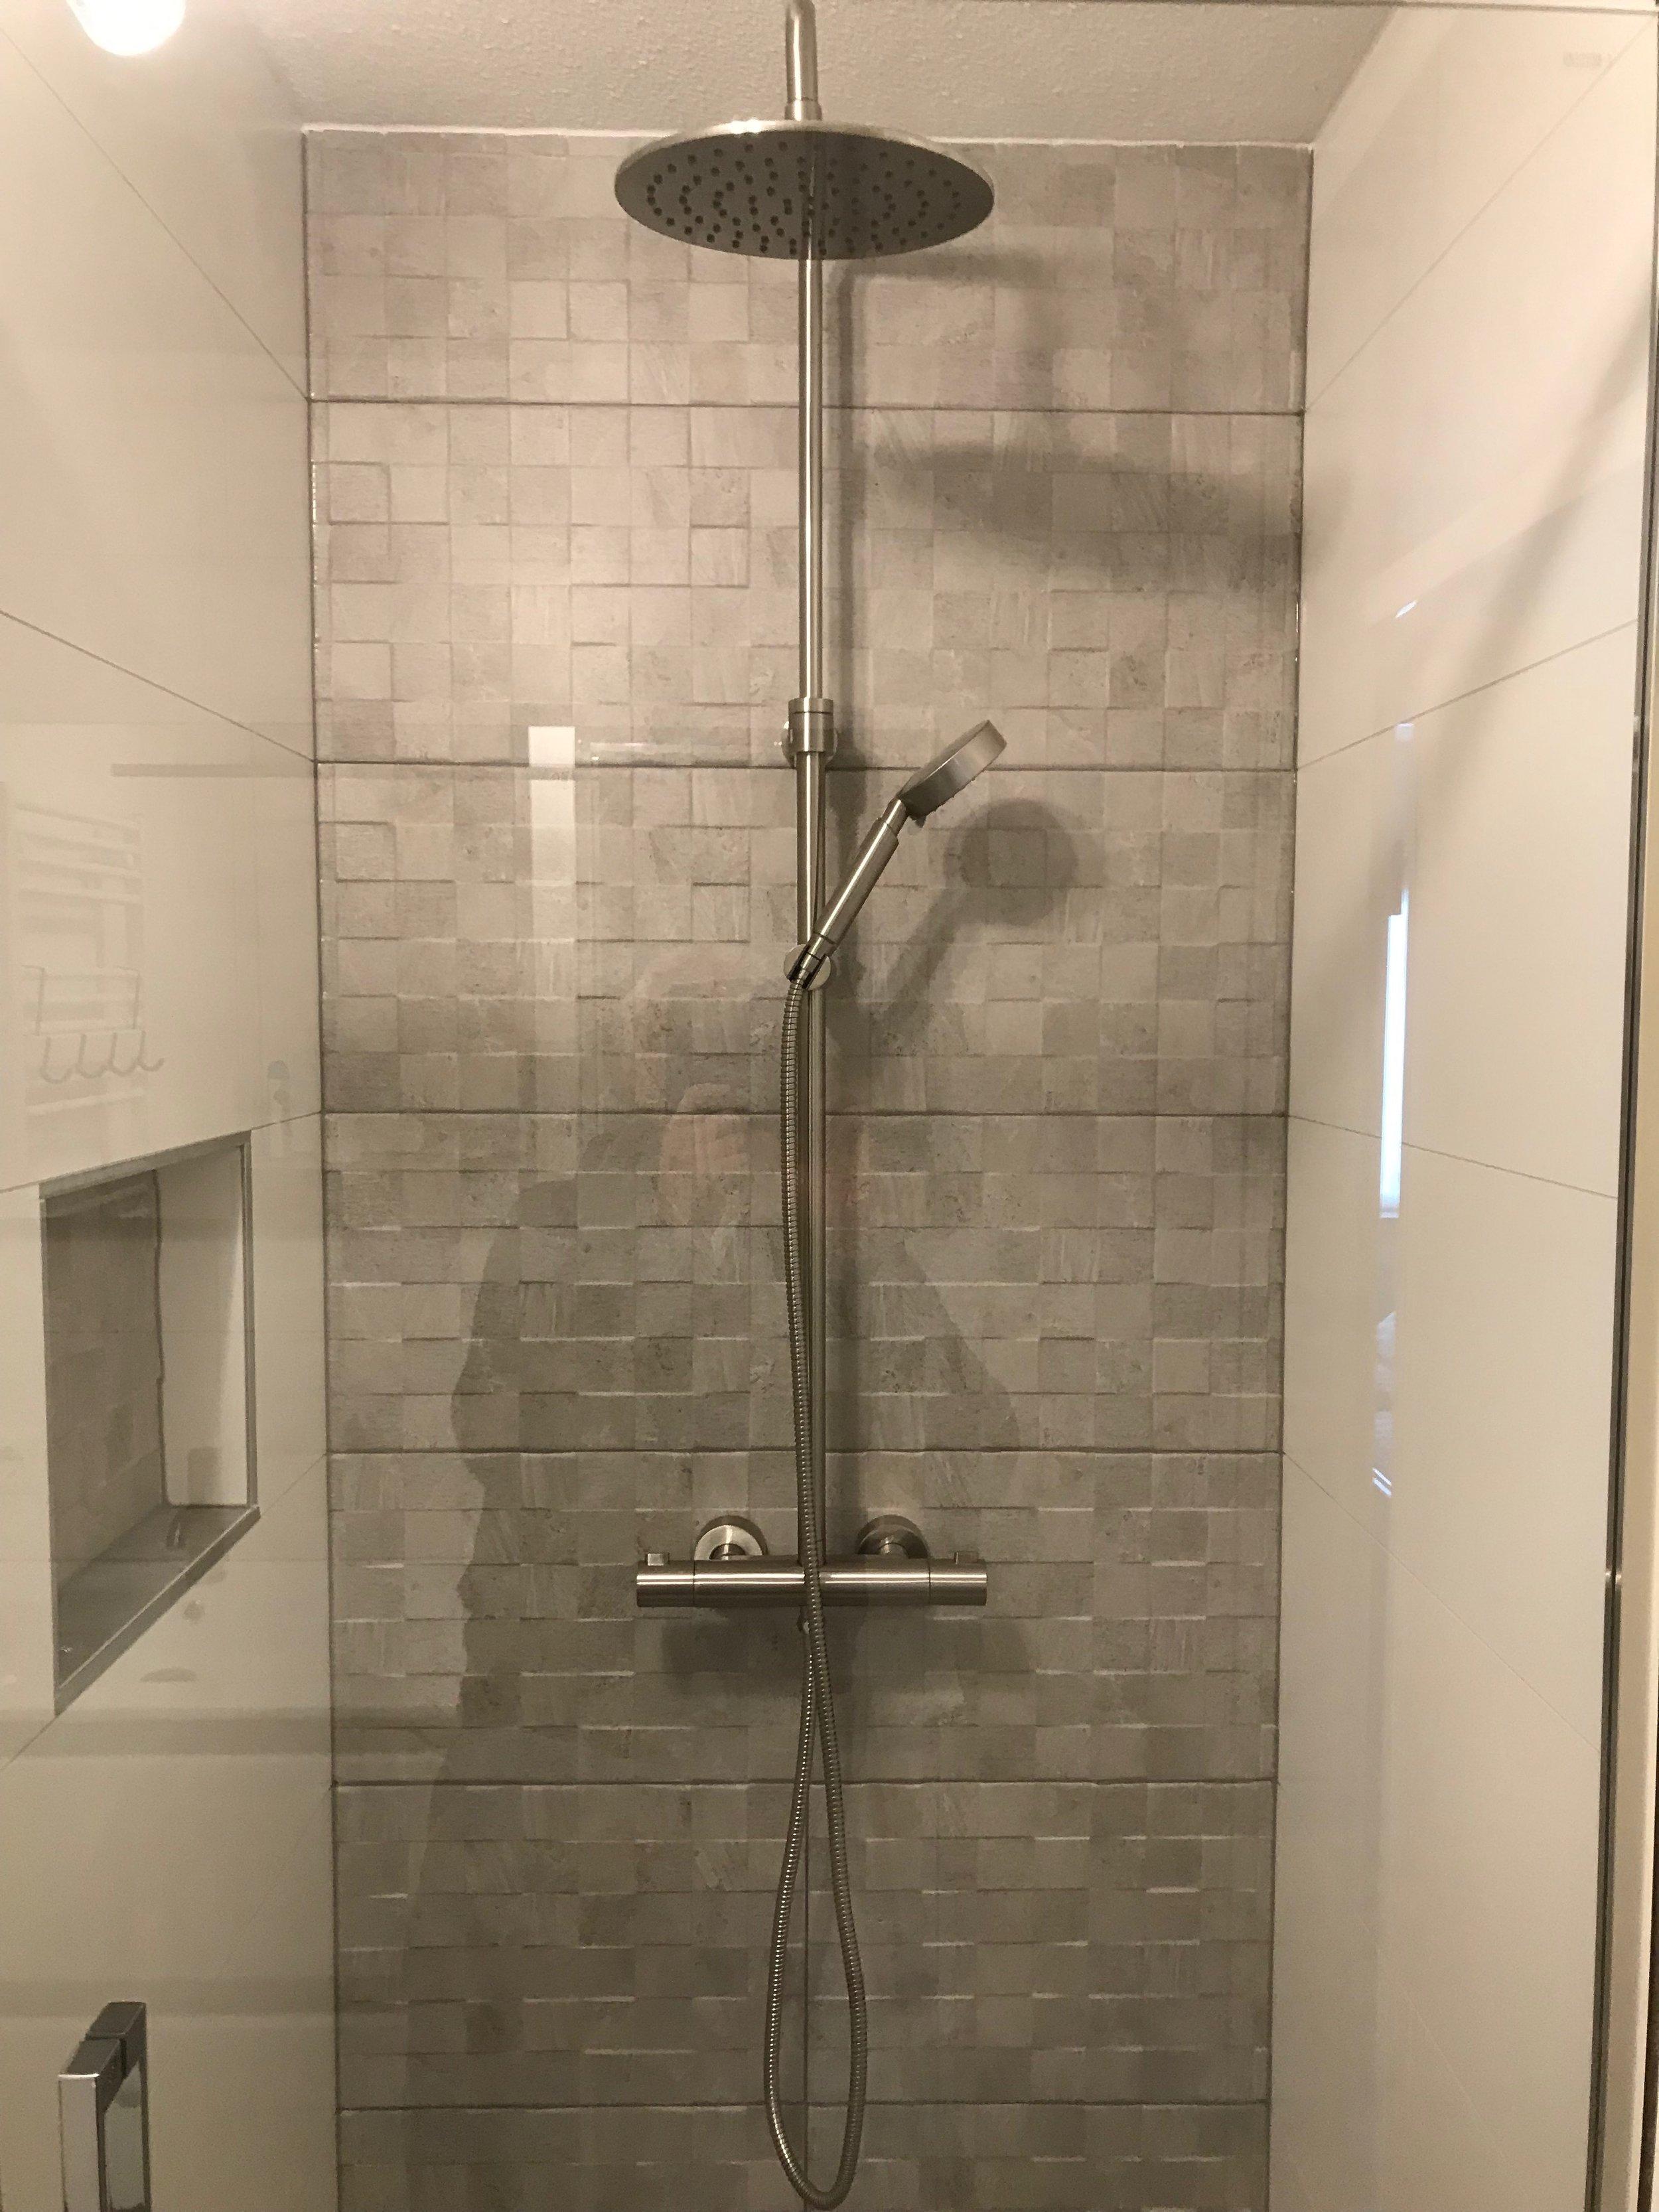 badkamer douche.jpg